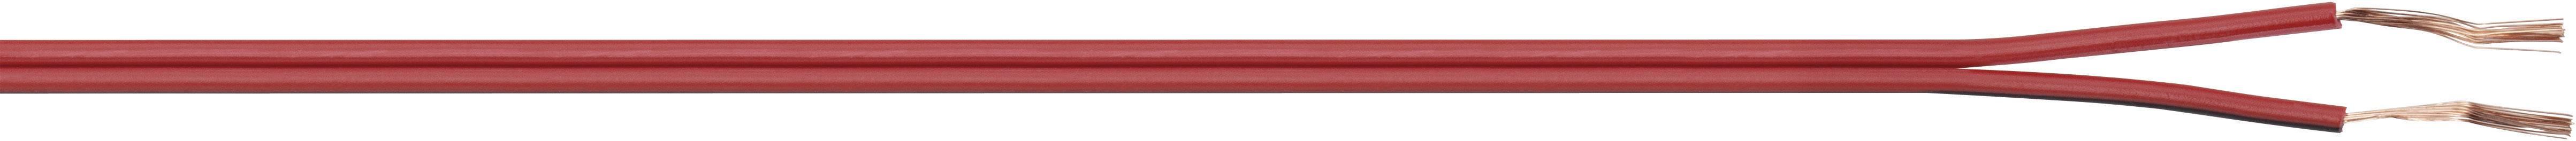 Fil de c/âblage LiY-Z TRU COMPONENTS LiFY//CCA 1571458 2 x 0.14 mm/² Rouge Rouge-Noir 20 m